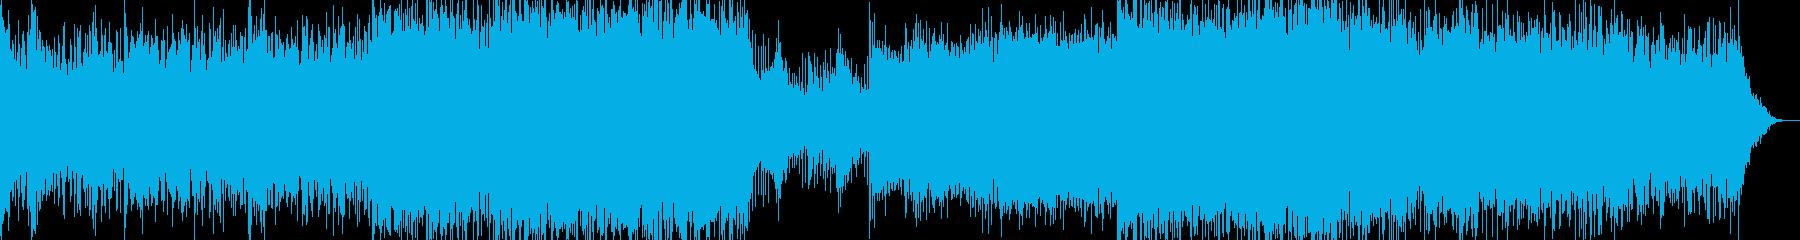 映画音楽、荘厳重厚、映像向け-19の再生済みの波形